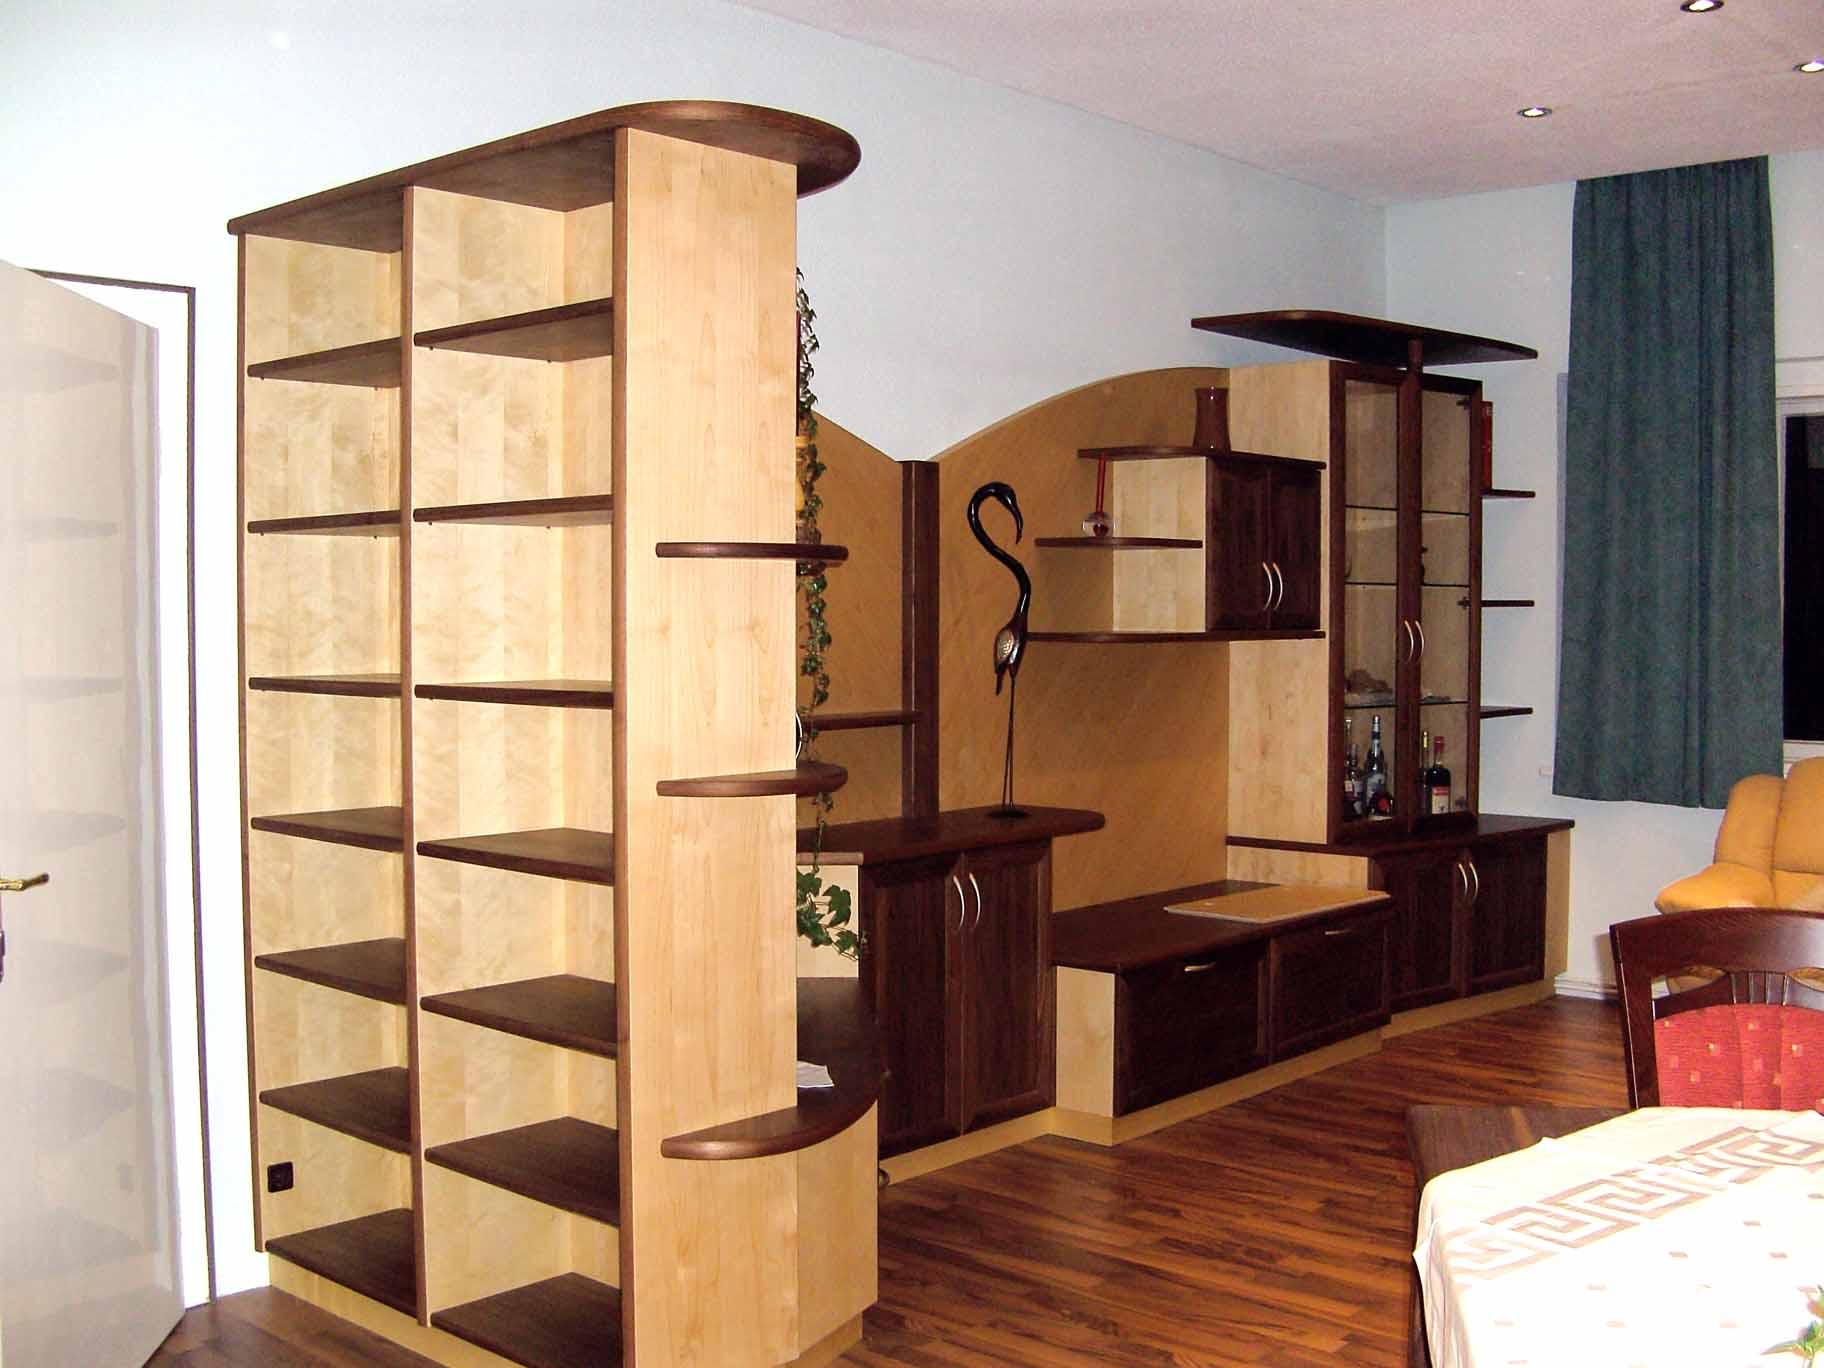 Galerie Wohnzimmer - Voak Andreas Küchen- und Möbeldesign